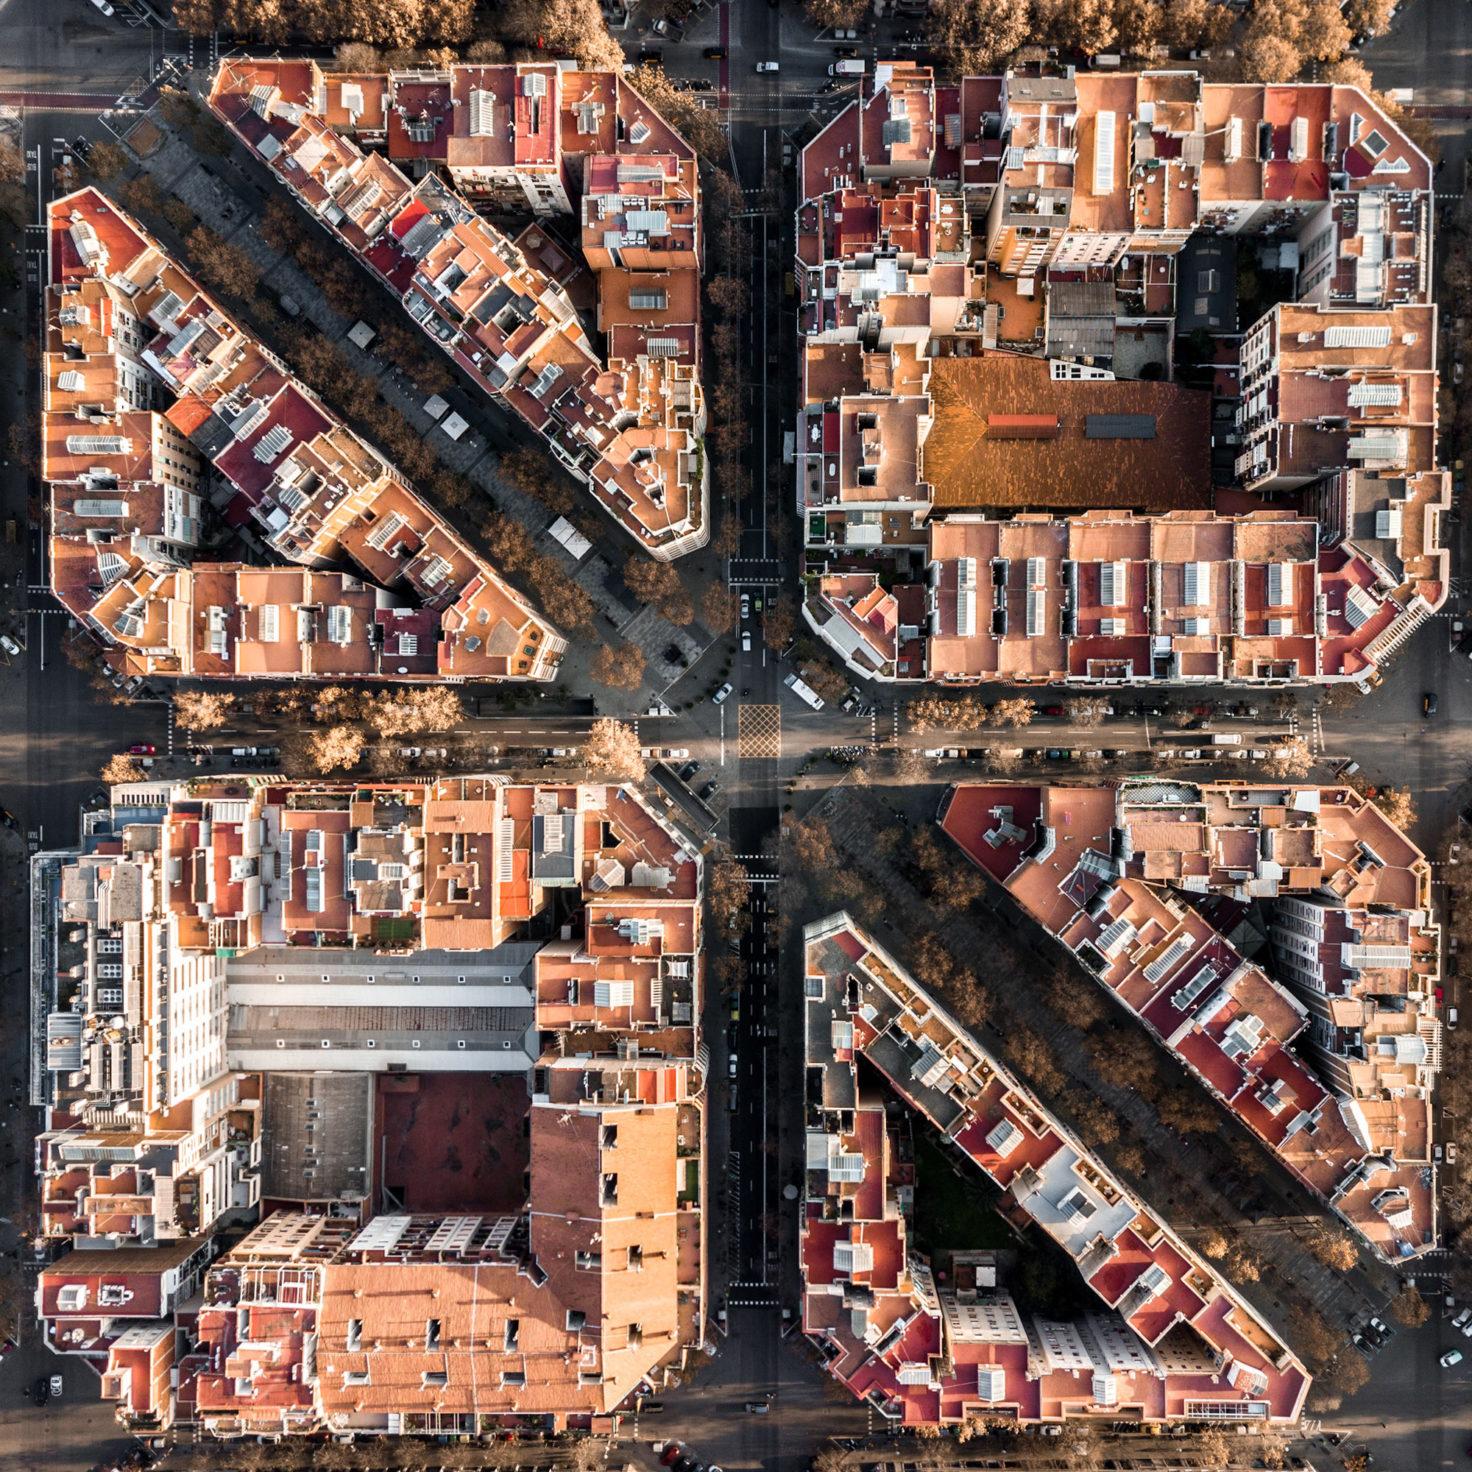 MartonMogyorosy Barcelona WirePrime 04 - Barselona'nın Kıyı Şeridine Havadan Bakış: Büyüleyici Geometrik Desenler